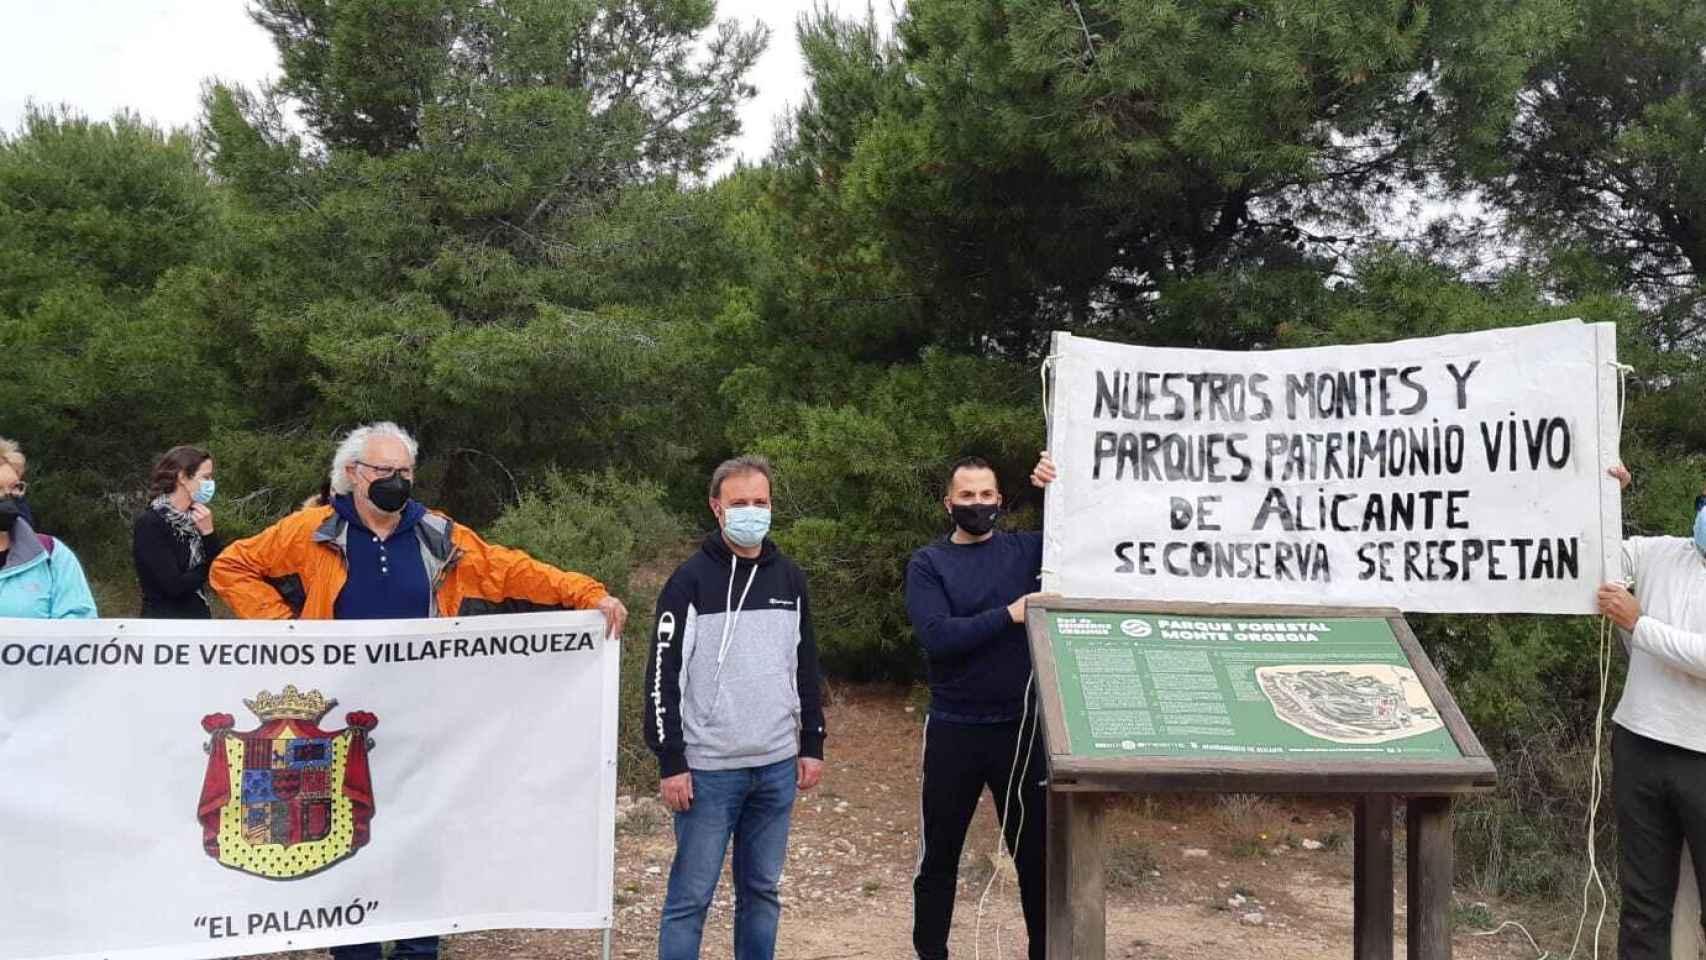 La Asociación de Vecinos de Villafranqueza defiende la conservación de los parques de la ciudad.